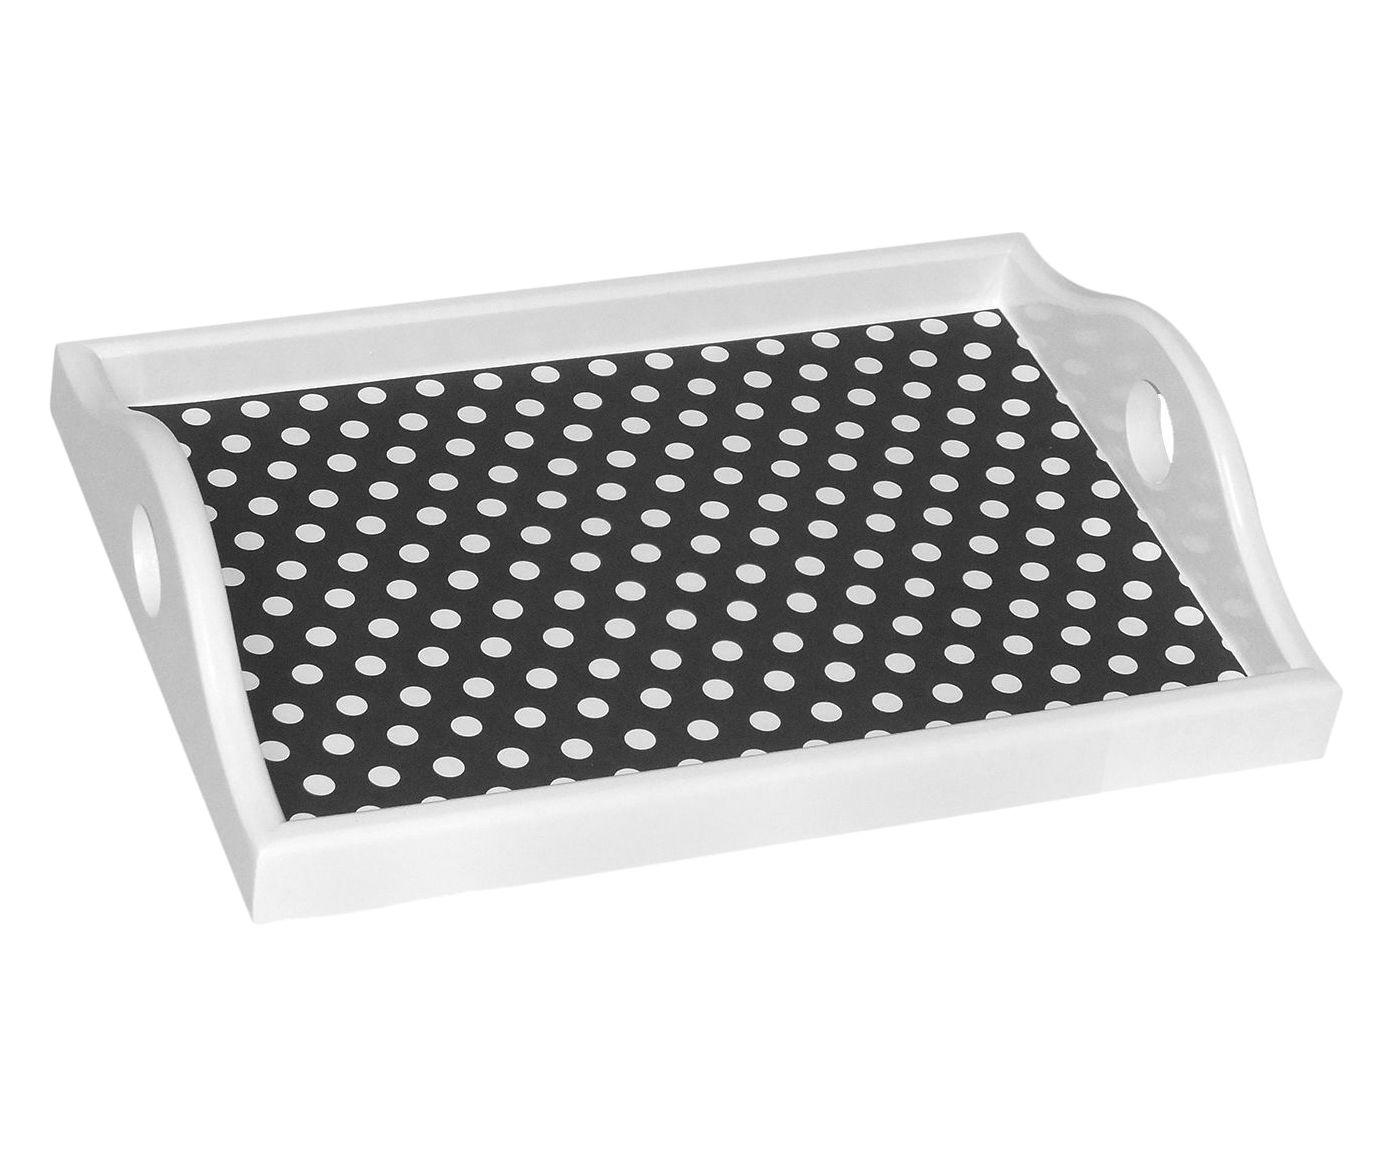 Bandeja Dots Preta e Branca - 26X5,5X19cm | Westwing.com.br